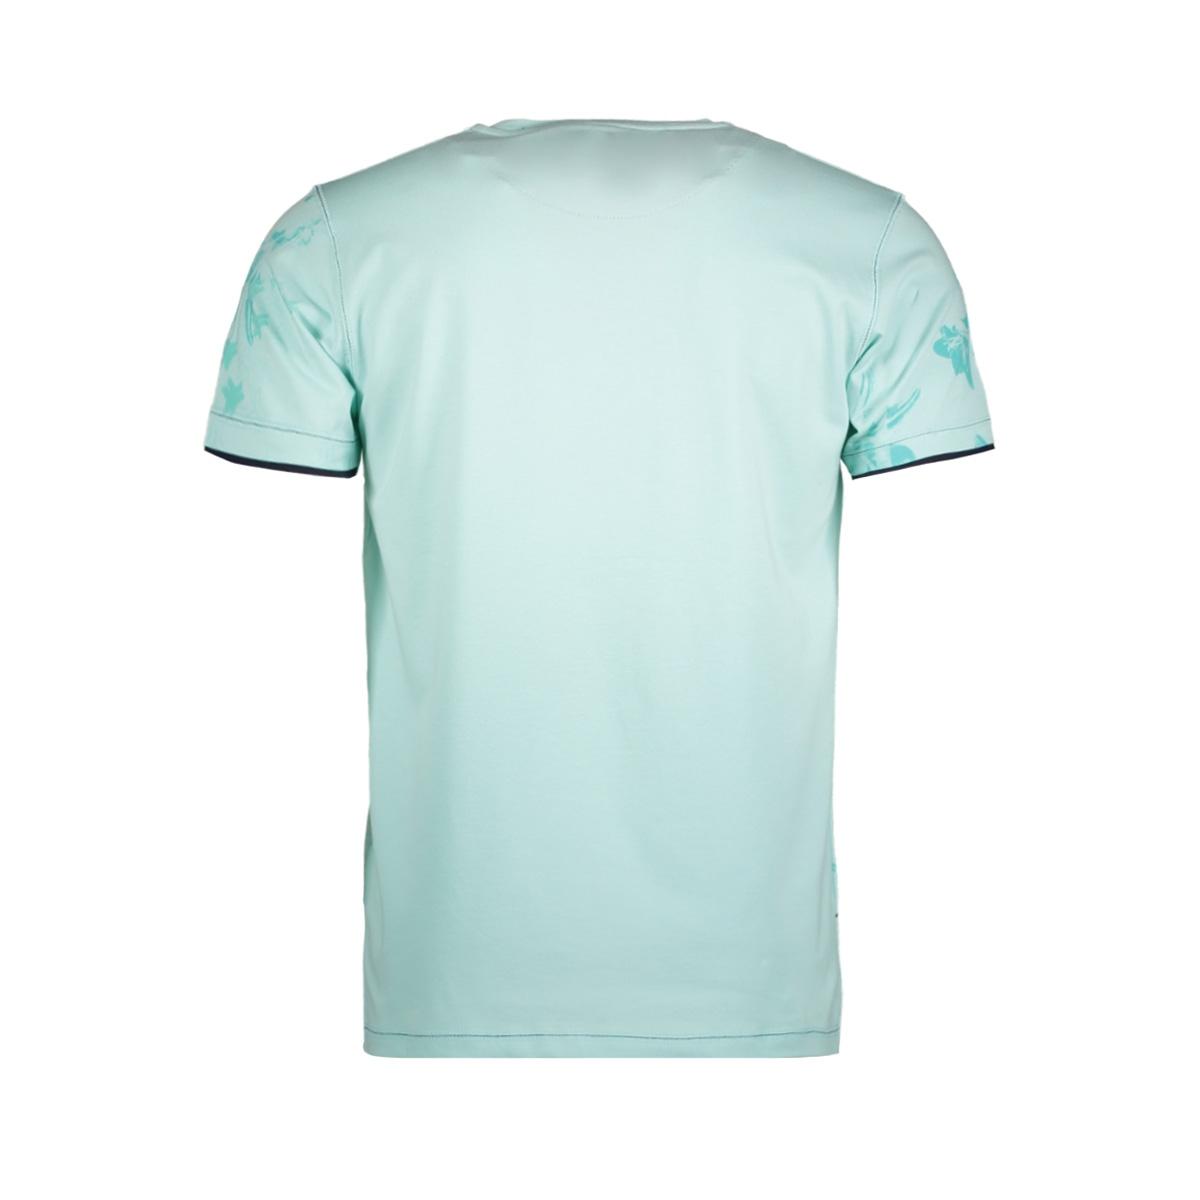 13896 gabbiano t-shirt light mint